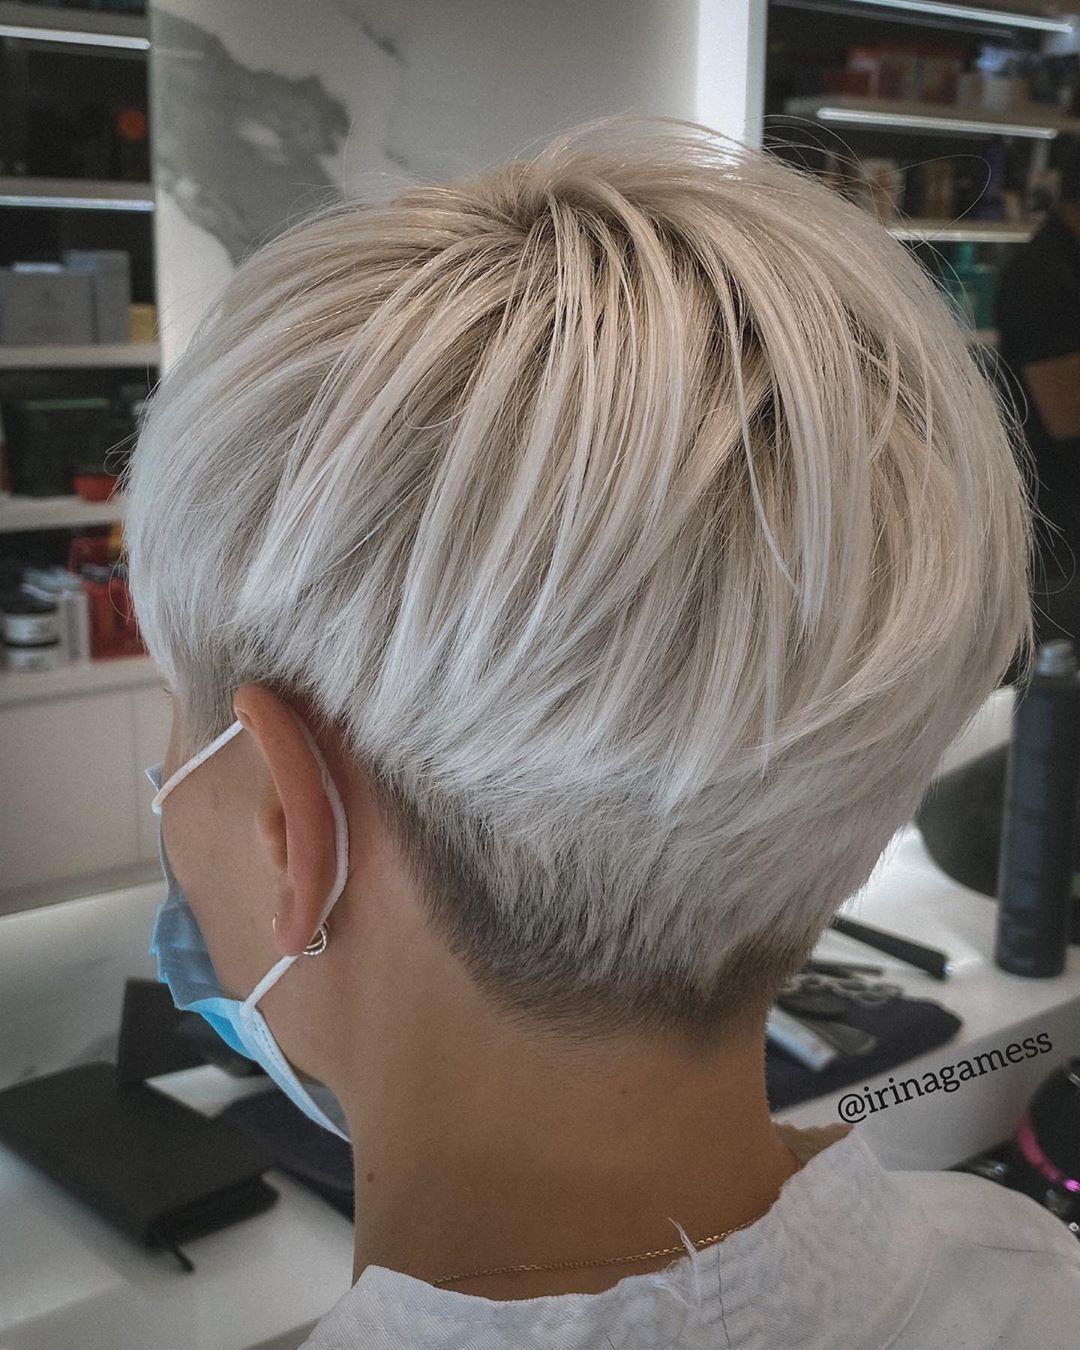 Platinblond Mit Rosa Stich Perfekte Sommerfrisur Kurzhaar Frisuren Frisuren Stil Haar Kurze Und Lange Frisuren Frisuren Kurze Haare Blond Haarschnitt Kurze Haare Schone Frisuren Kurze Haare